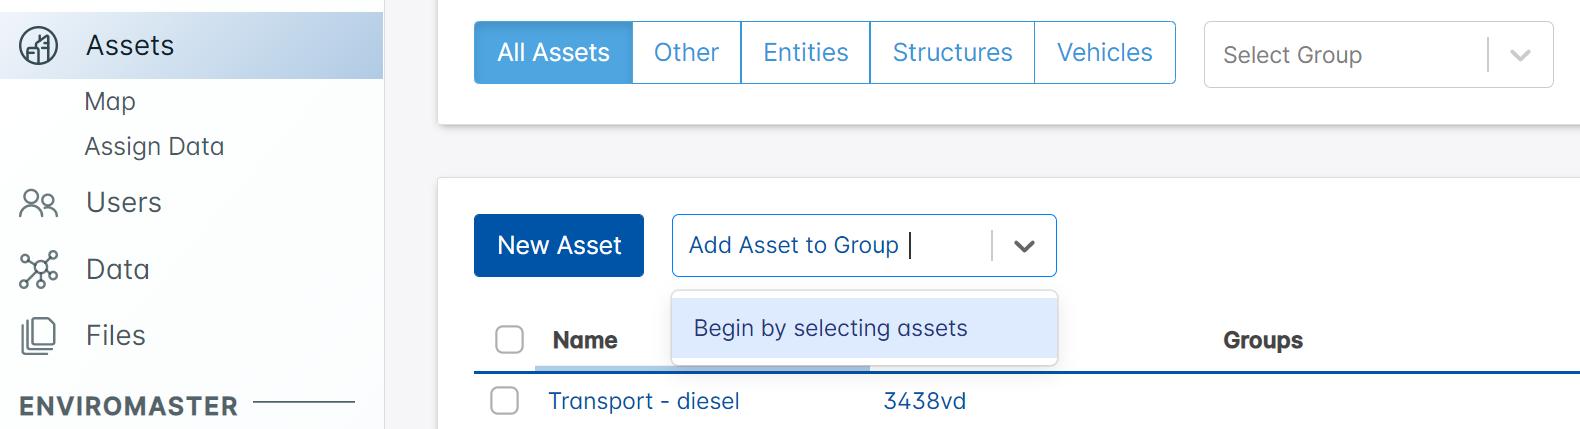 Asset Grouping